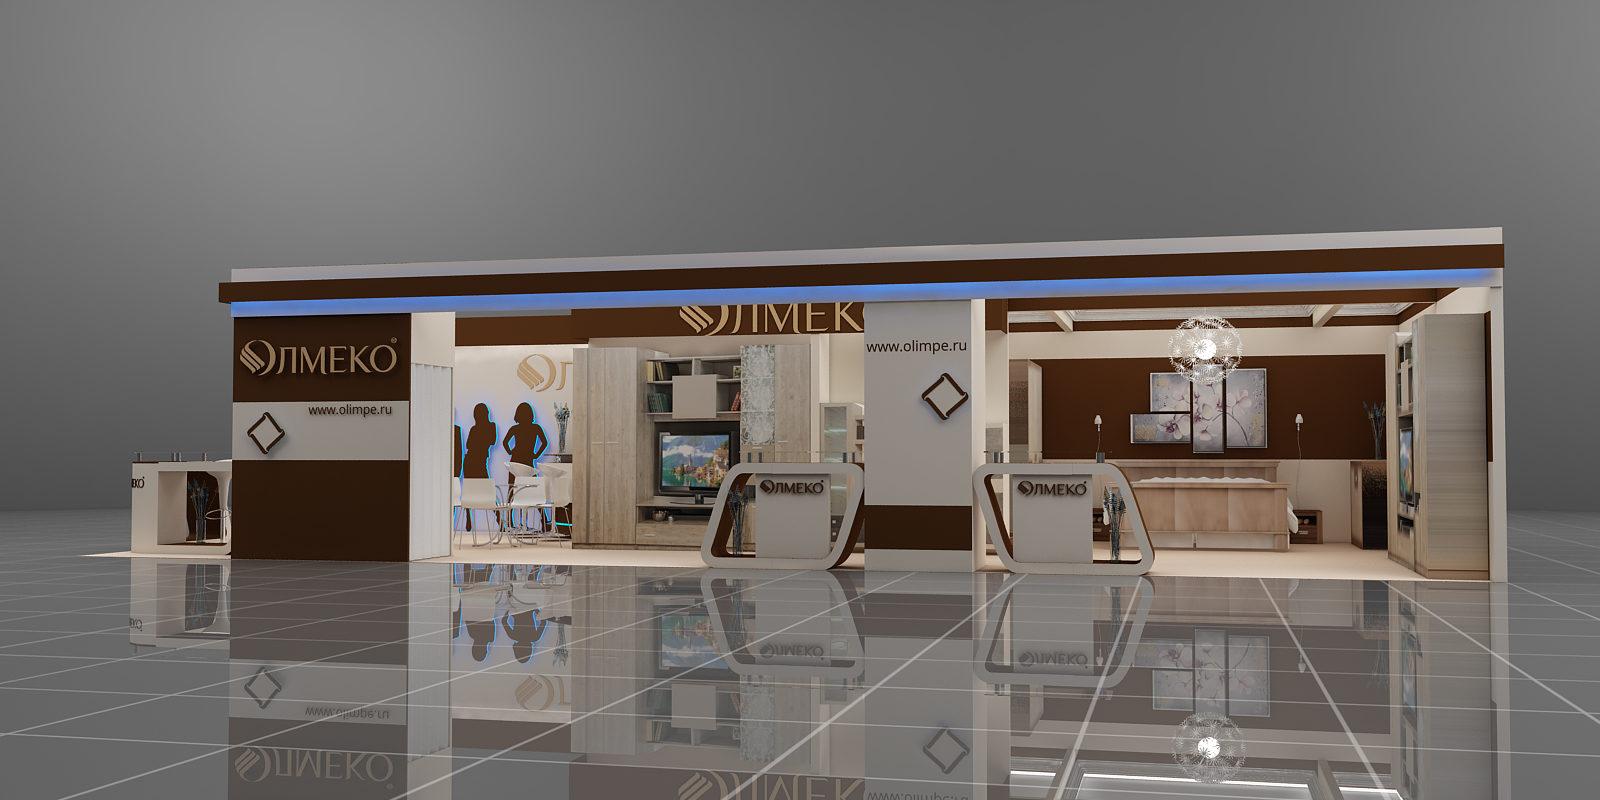 Дизайн проект и застройка выставочного стенда для компании Олмеко.